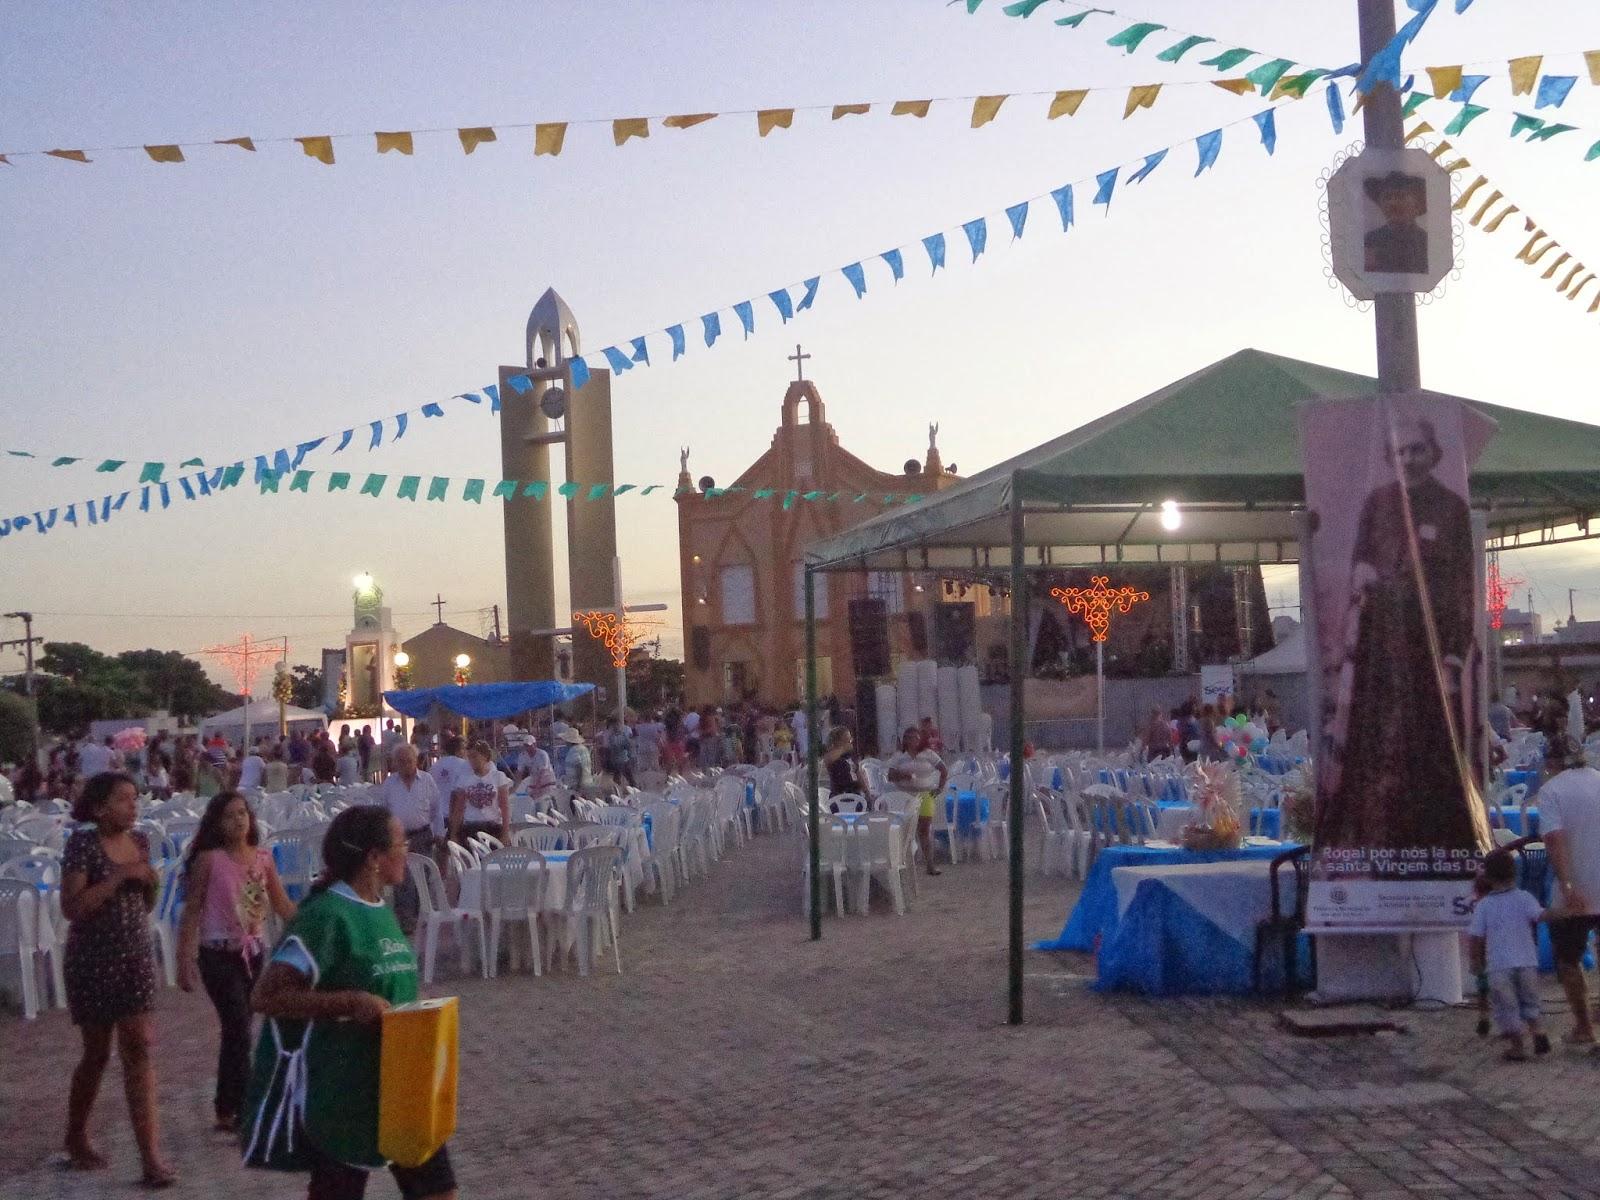 Praça do Socorro decorada para os 170 anos de Pe. Cícero.